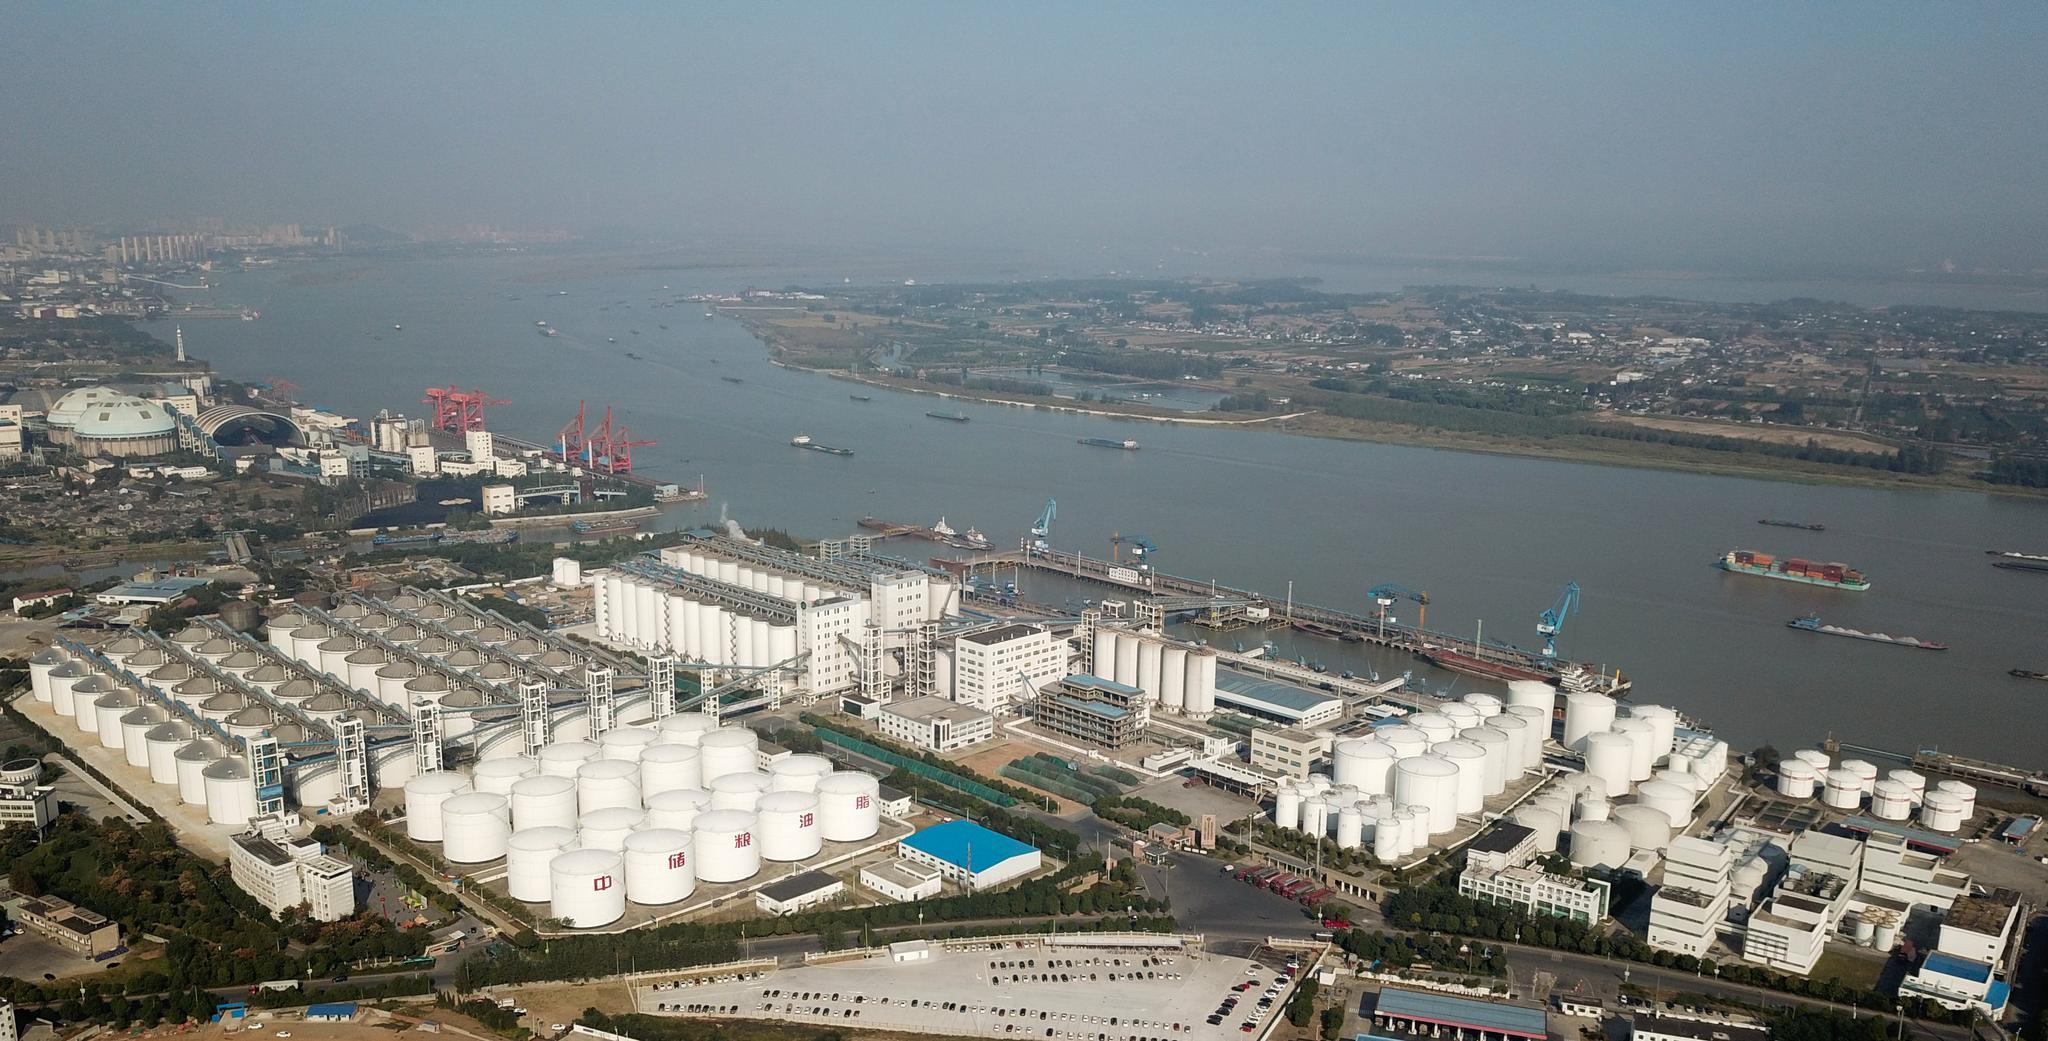 图片:新华社豆油等拟解除进口关税配额管理